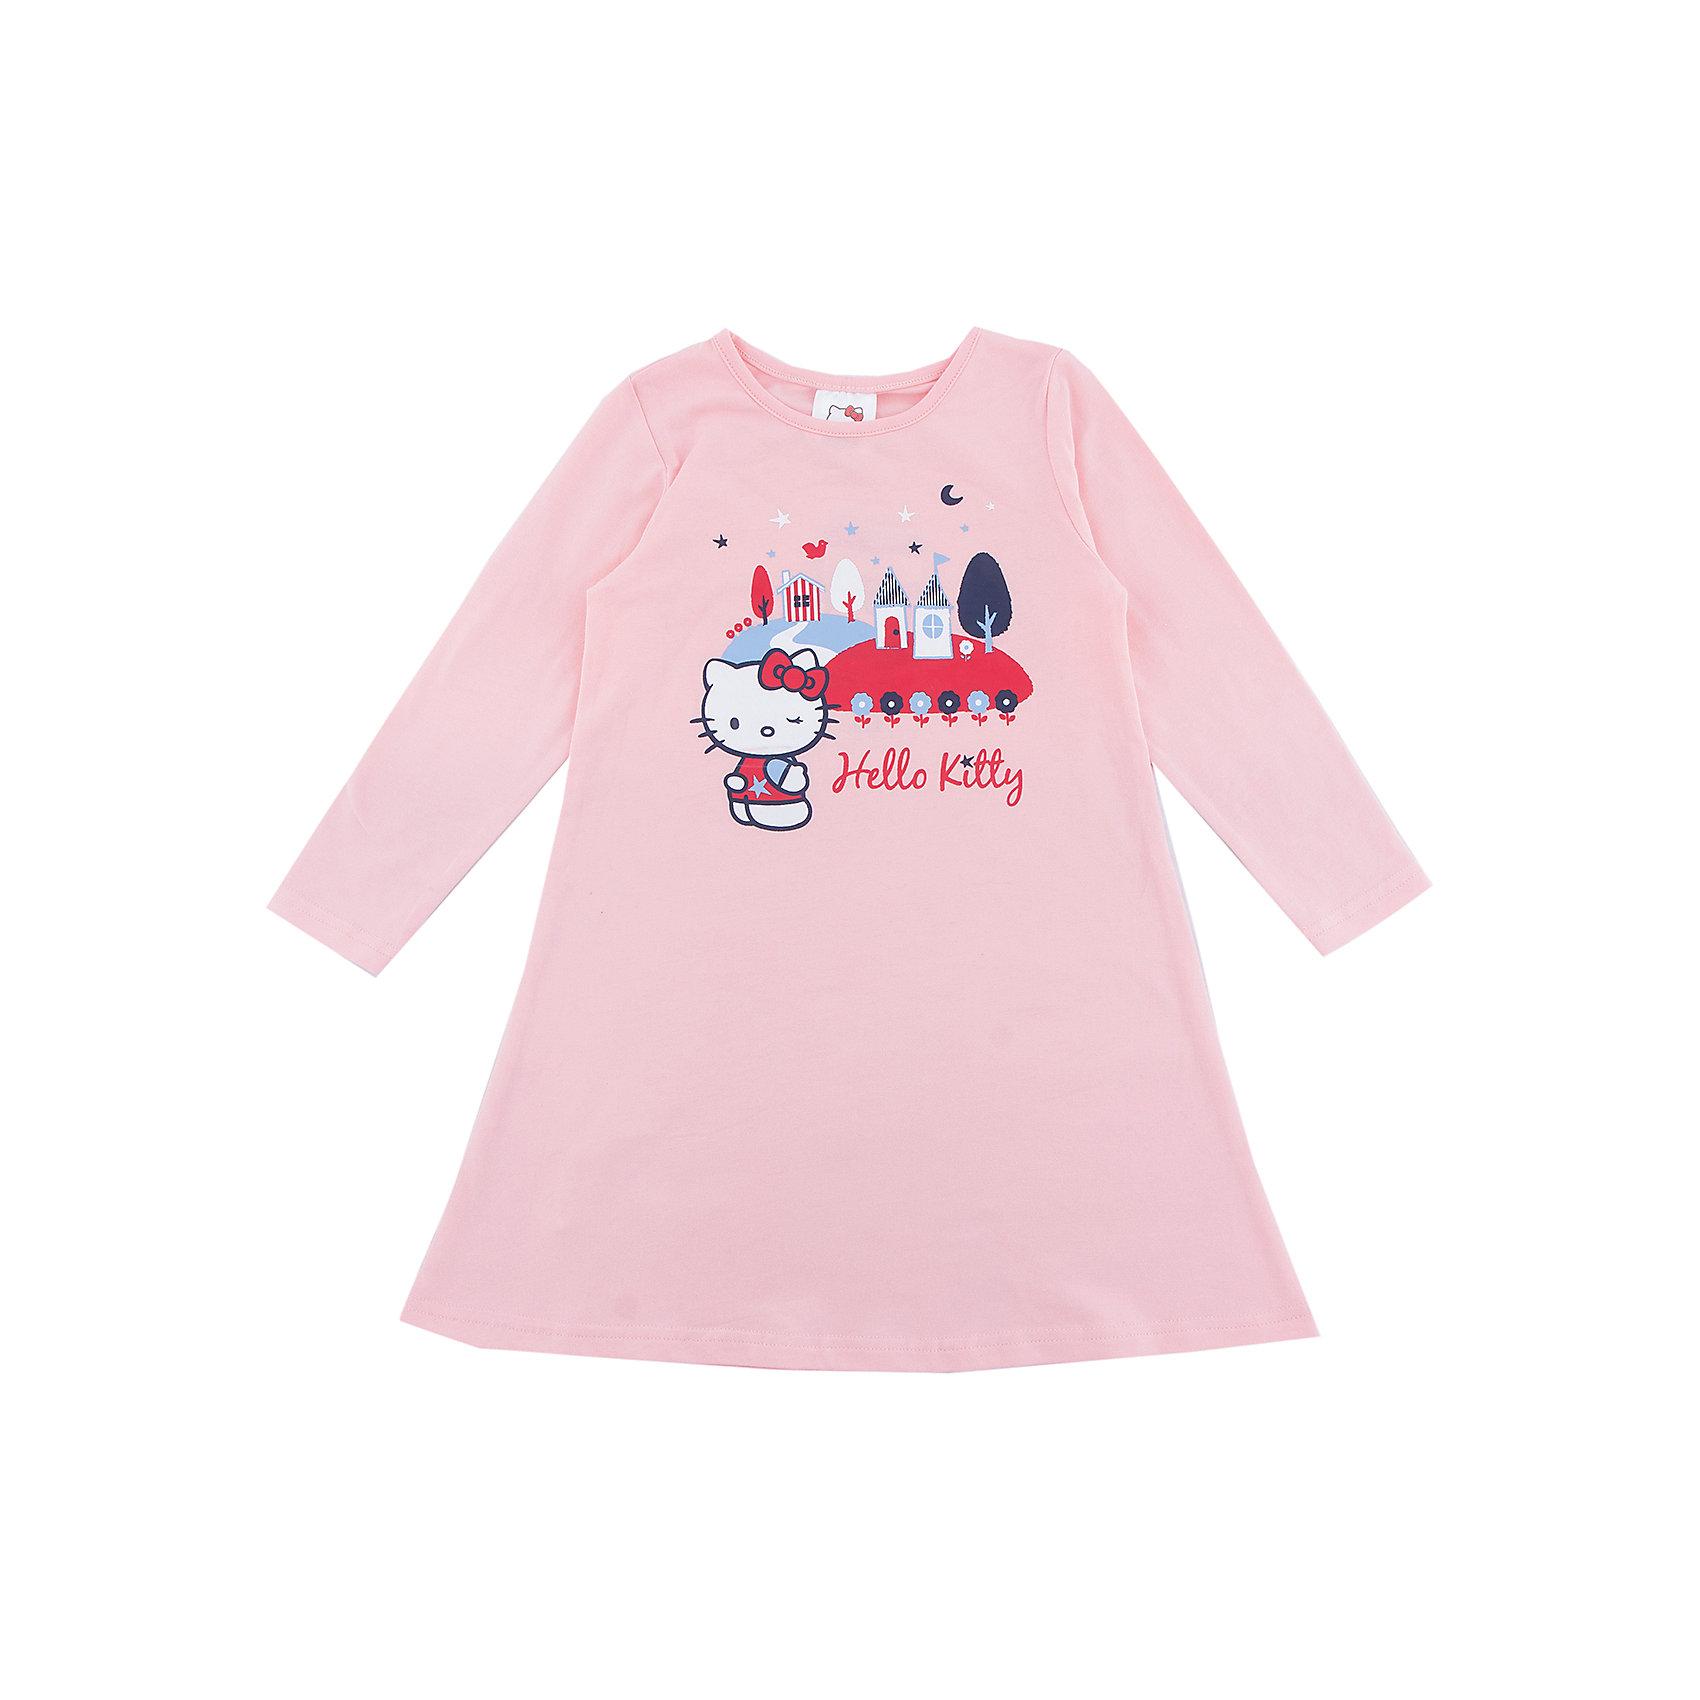 Сорочка PlayToday для девочкиПижамы и сорочки<br>Сорочка PlayToday для девочки<br>Эту сорочку можно использовать и для сна, и в качестве домашнего платья. Натуральная ткань приятна к телу и не сковывает движений. Модель декорирована ярким лицензированным принтом.<br>Состав:<br>95% хлопок, 5% эластан<br><br>Ширина мм: 281<br>Глубина мм: 70<br>Высота мм: 188<br>Вес г: 295<br>Цвет: белый<br>Возраст от месяцев: 84<br>Возраст до месяцев: 96<br>Пол: Женский<br>Возраст: Детский<br>Размер: 128,98,104,110,116,122<br>SKU: 7107691